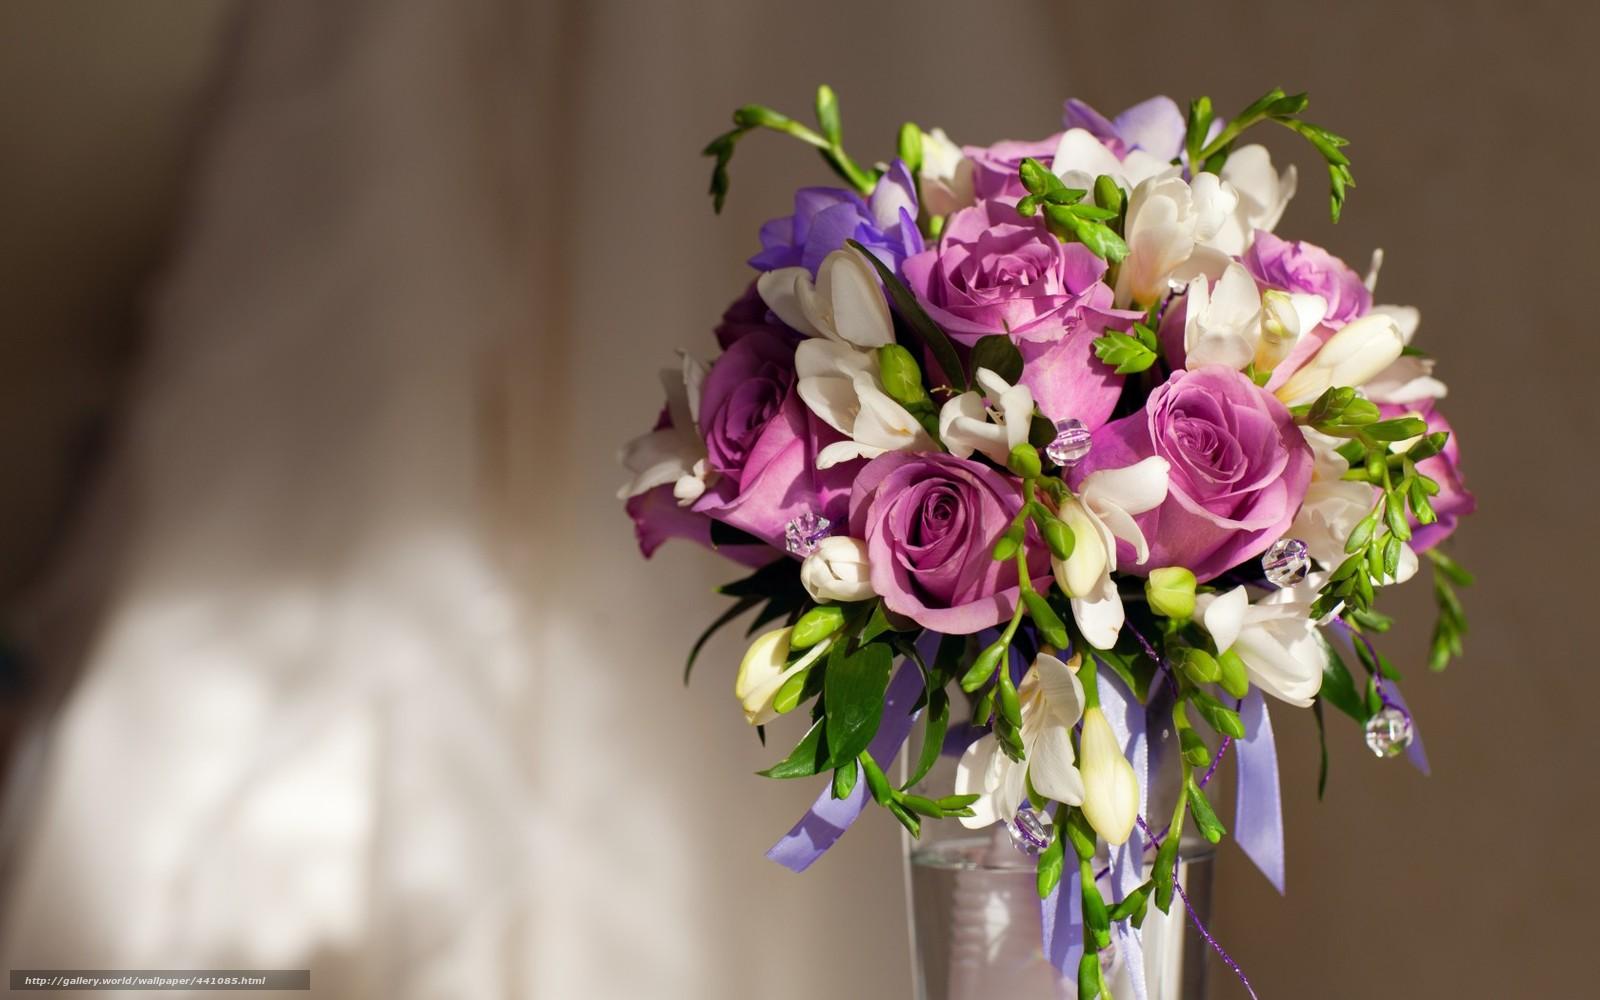 Tlcharger Fond D Ecran Fleurs Violettes Roses Bouquet